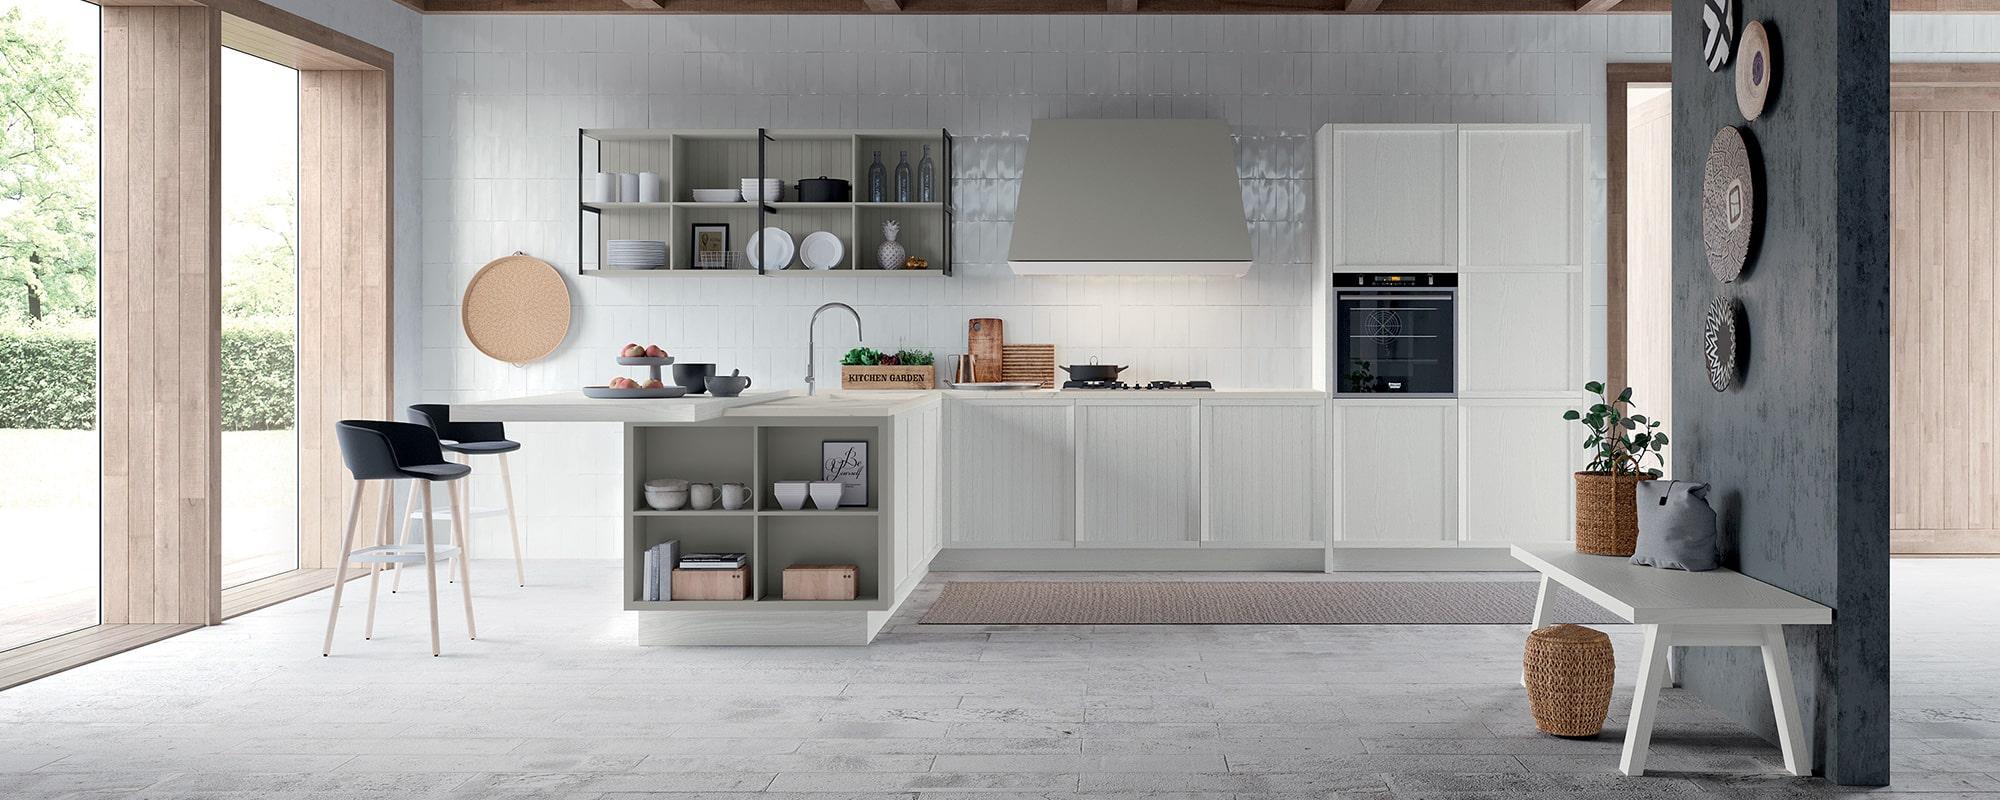 cucine-classiche-stosa-stefano-arredamenti-tosca-6